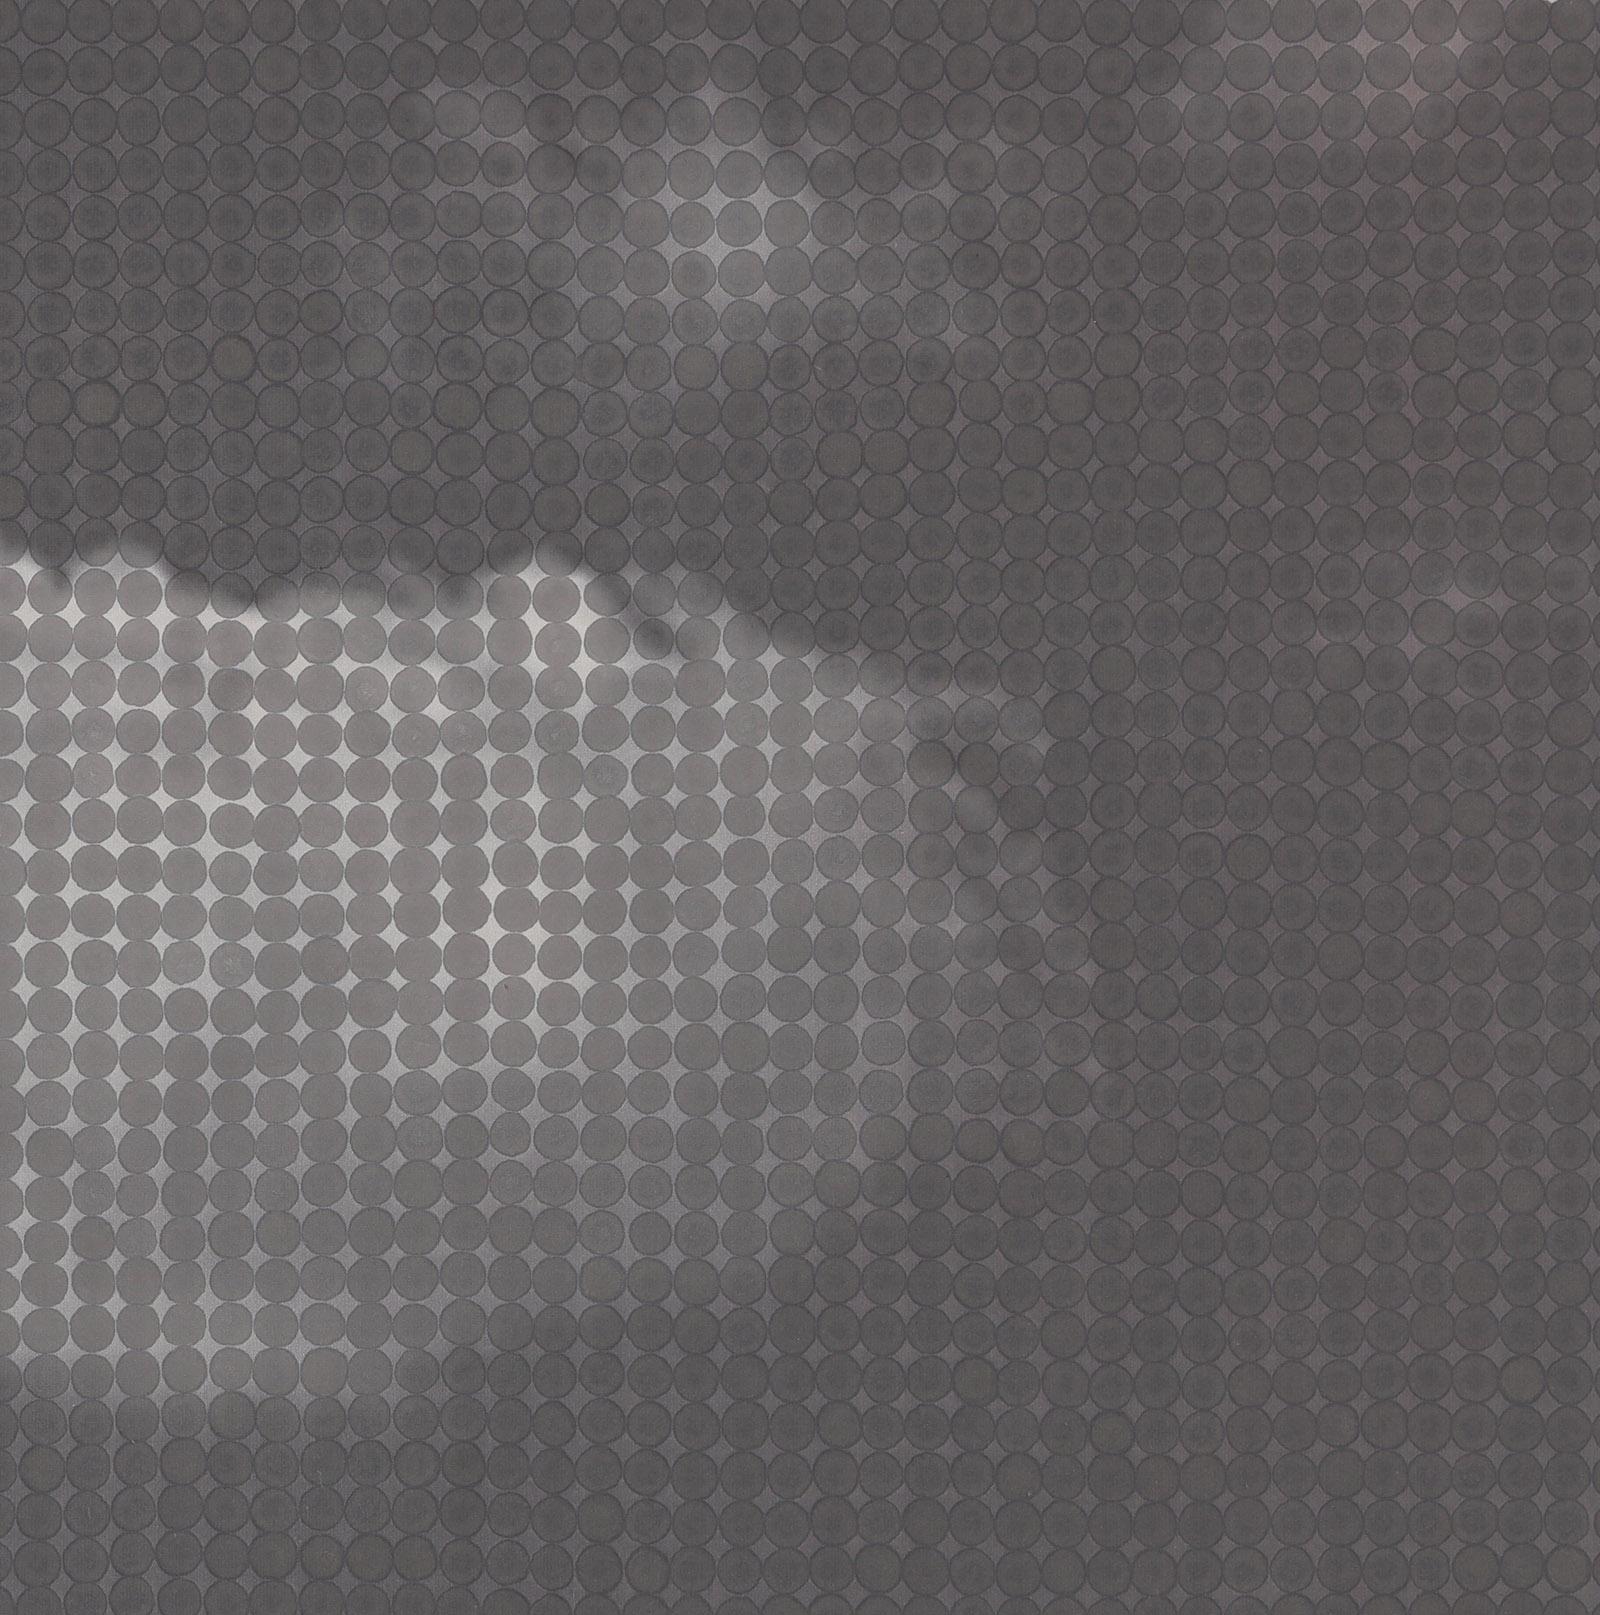 Li Zhihong, Cloud series-3, rice on paper,160x80cm,2007.jpg